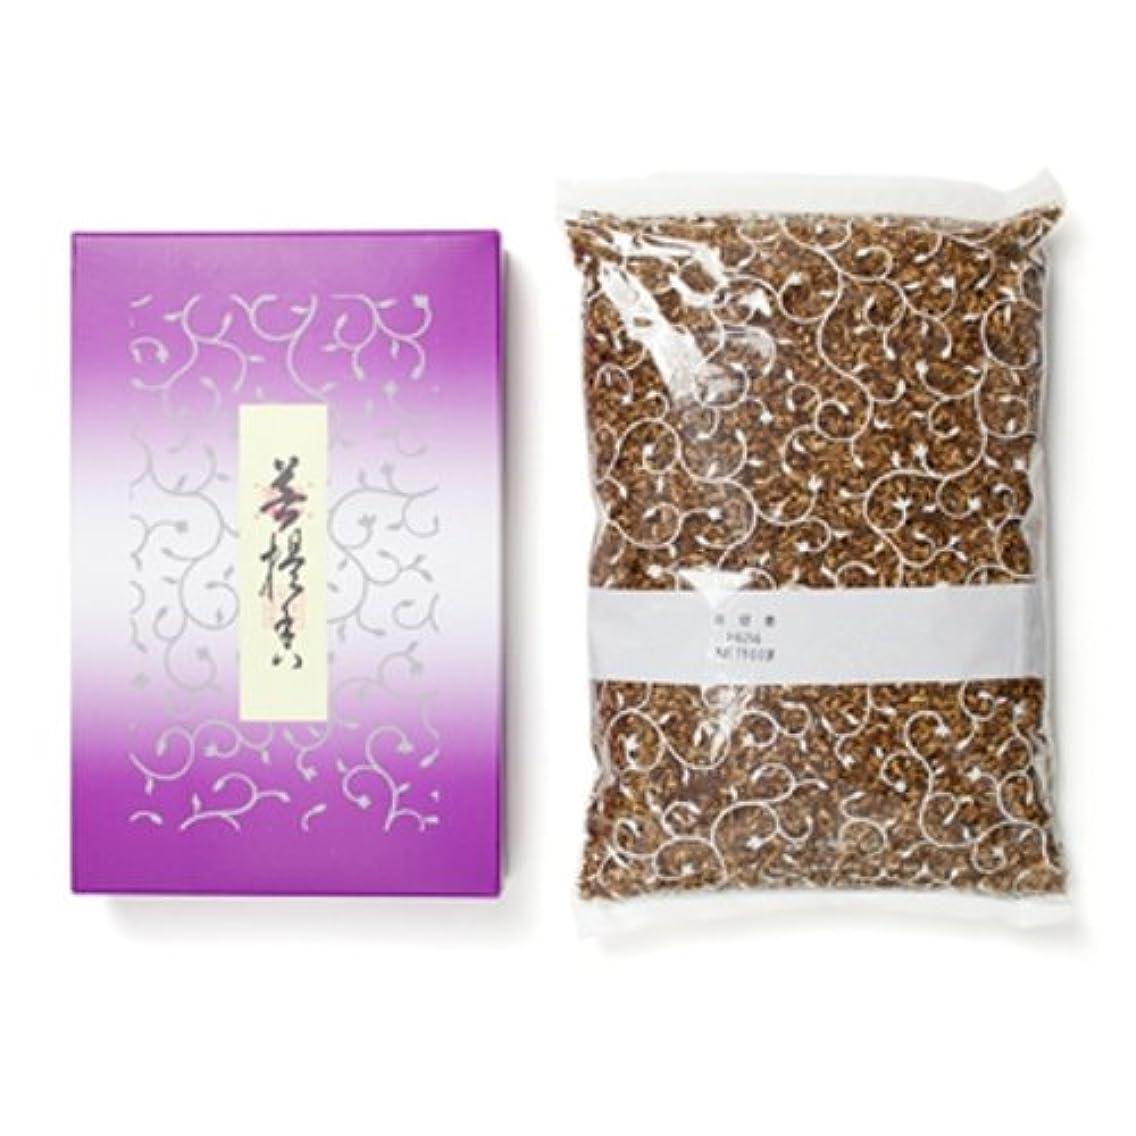 吸収するシンボル蛾松栄堂のお焼香 菩提香 500g詰 紙箱入 #410411